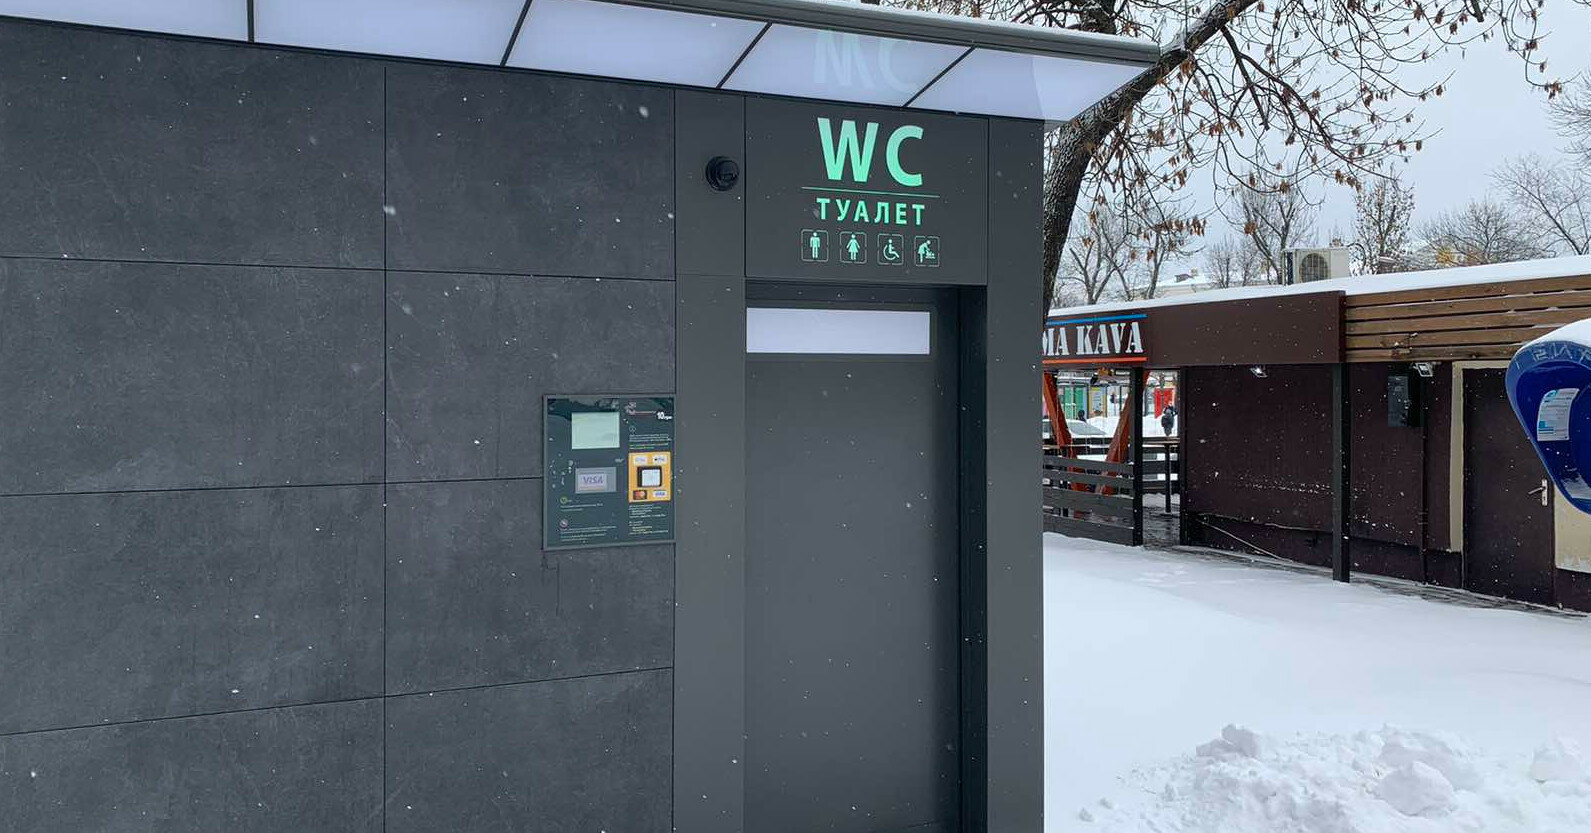 """Деньги не пахнут: Киевводфонд подозревают в растрате  7 млн  """"туалетных"""" денег"""